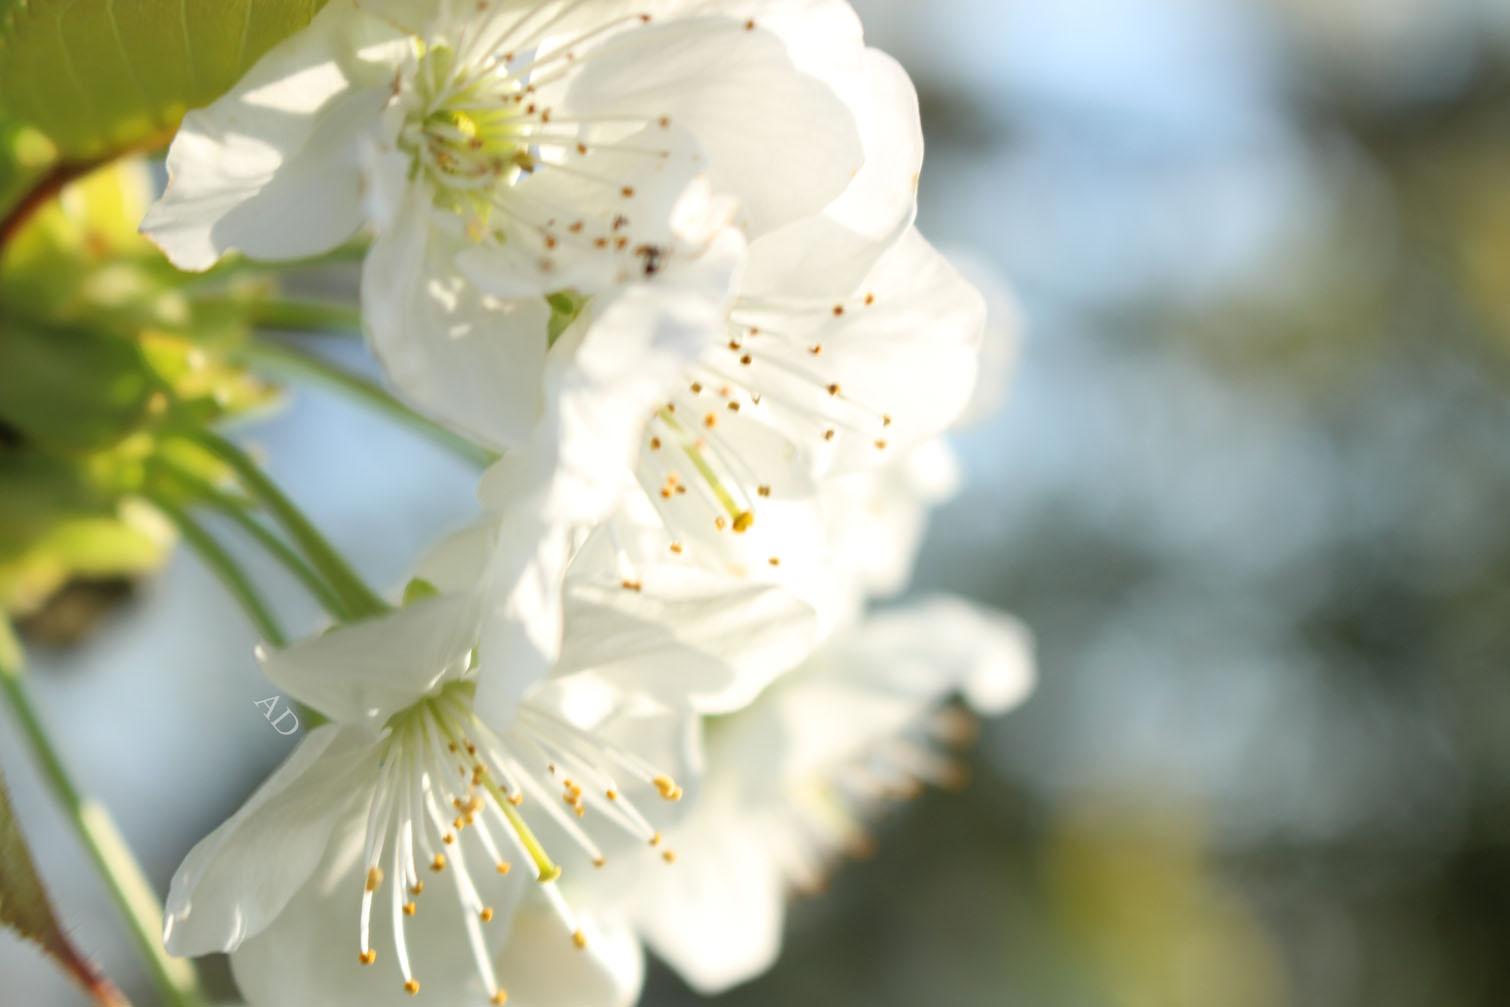 Le printemps est là ! Nouvelles fleurs, nouvelles résolutions